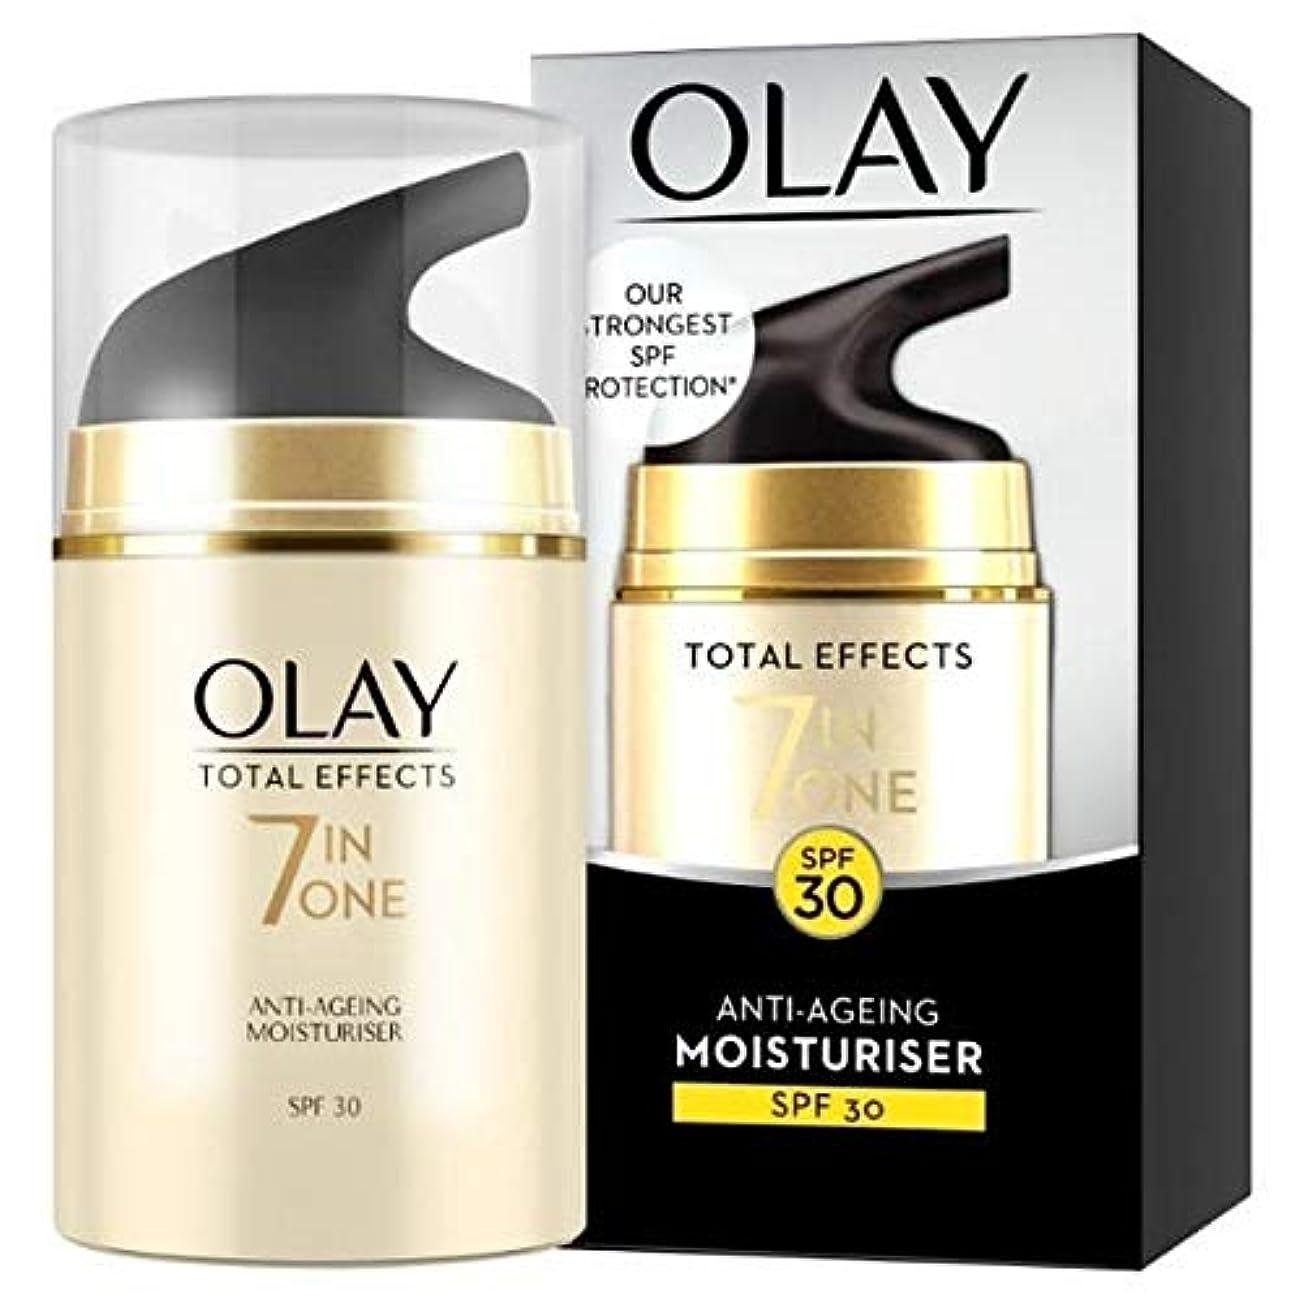 監督する優越腰[Olay ] オーレイ総効果保湿Spf 30 50Mlの - Olay Total Effects Moisturiser SPF 30, 50 ml [並行輸入品]